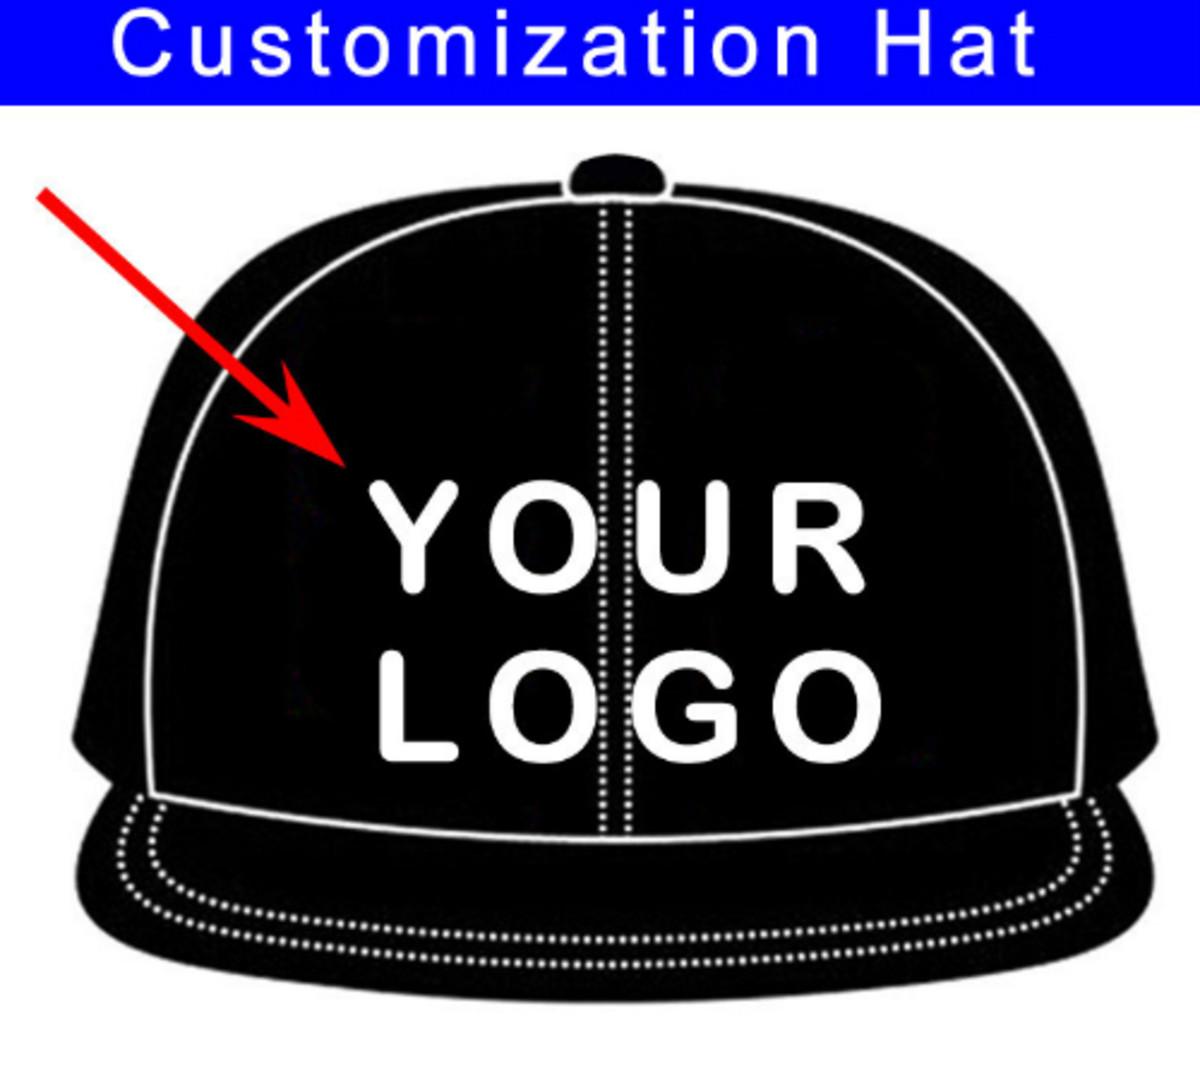 5 Sites Like LIDS - For Custom Hats